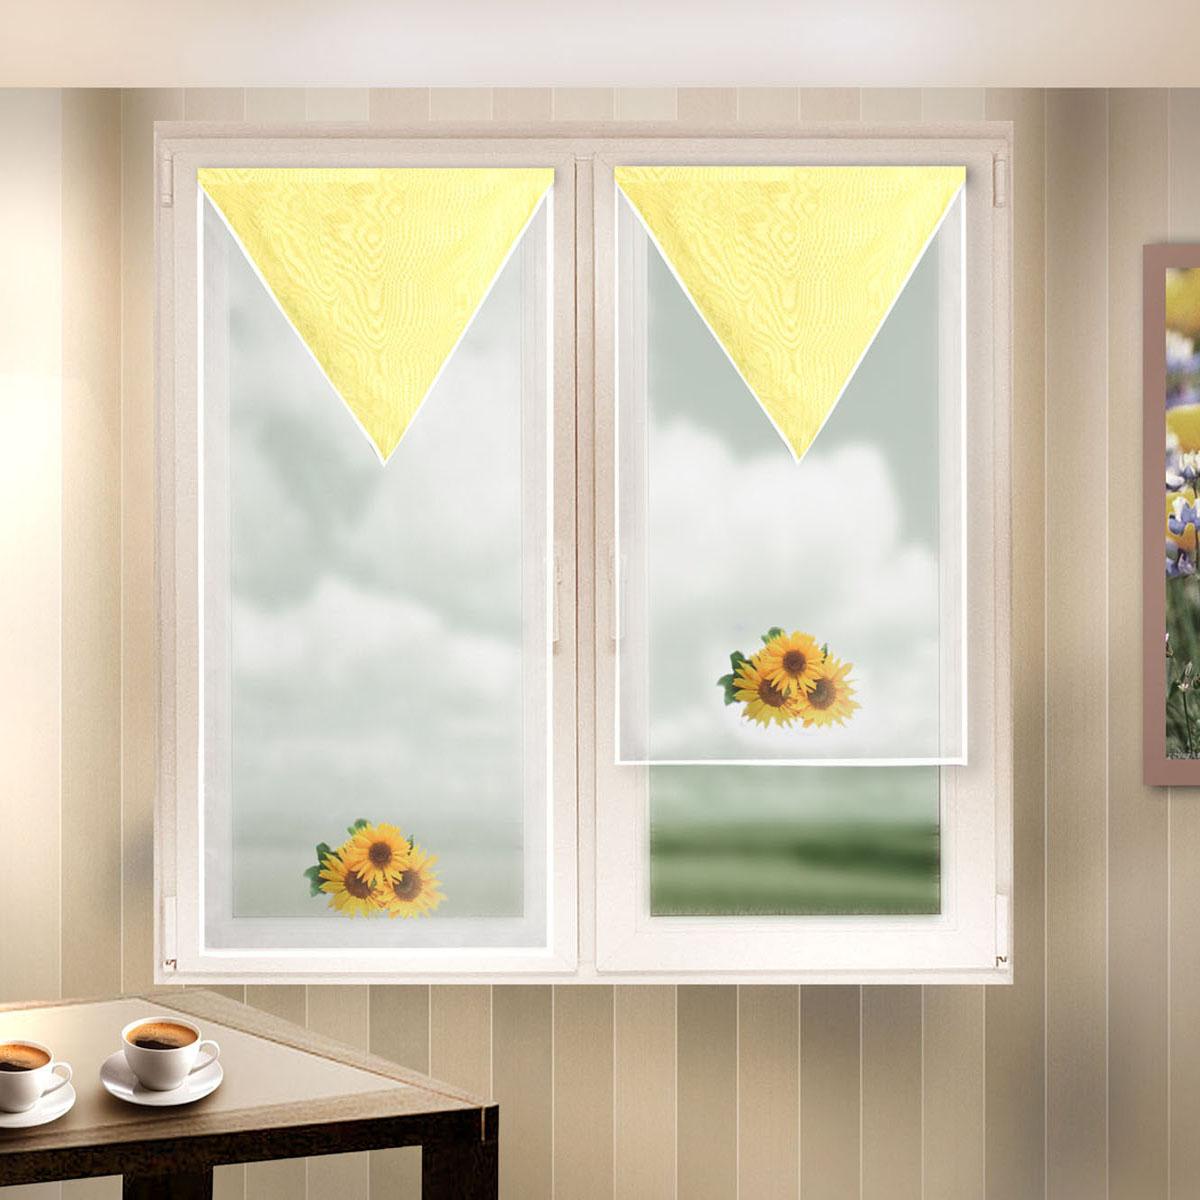 Гардина Zlata Korunka, на липкой ленте, цвет: белый, желтый, высота 90 см. 666044-2666044-2Гардина на липкой ленте Zlata Korunka, изготовленная из легкого полиэстера, станет великолепным украшением любого окна. Полотно из белой вуали с печатным рисунком привлечет к себе внимание и органично впишется в интерьер комнаты. Крепление на липкой ленте, не требующее сверления стен и карниза. Многоразовое и мгновенное крепление.